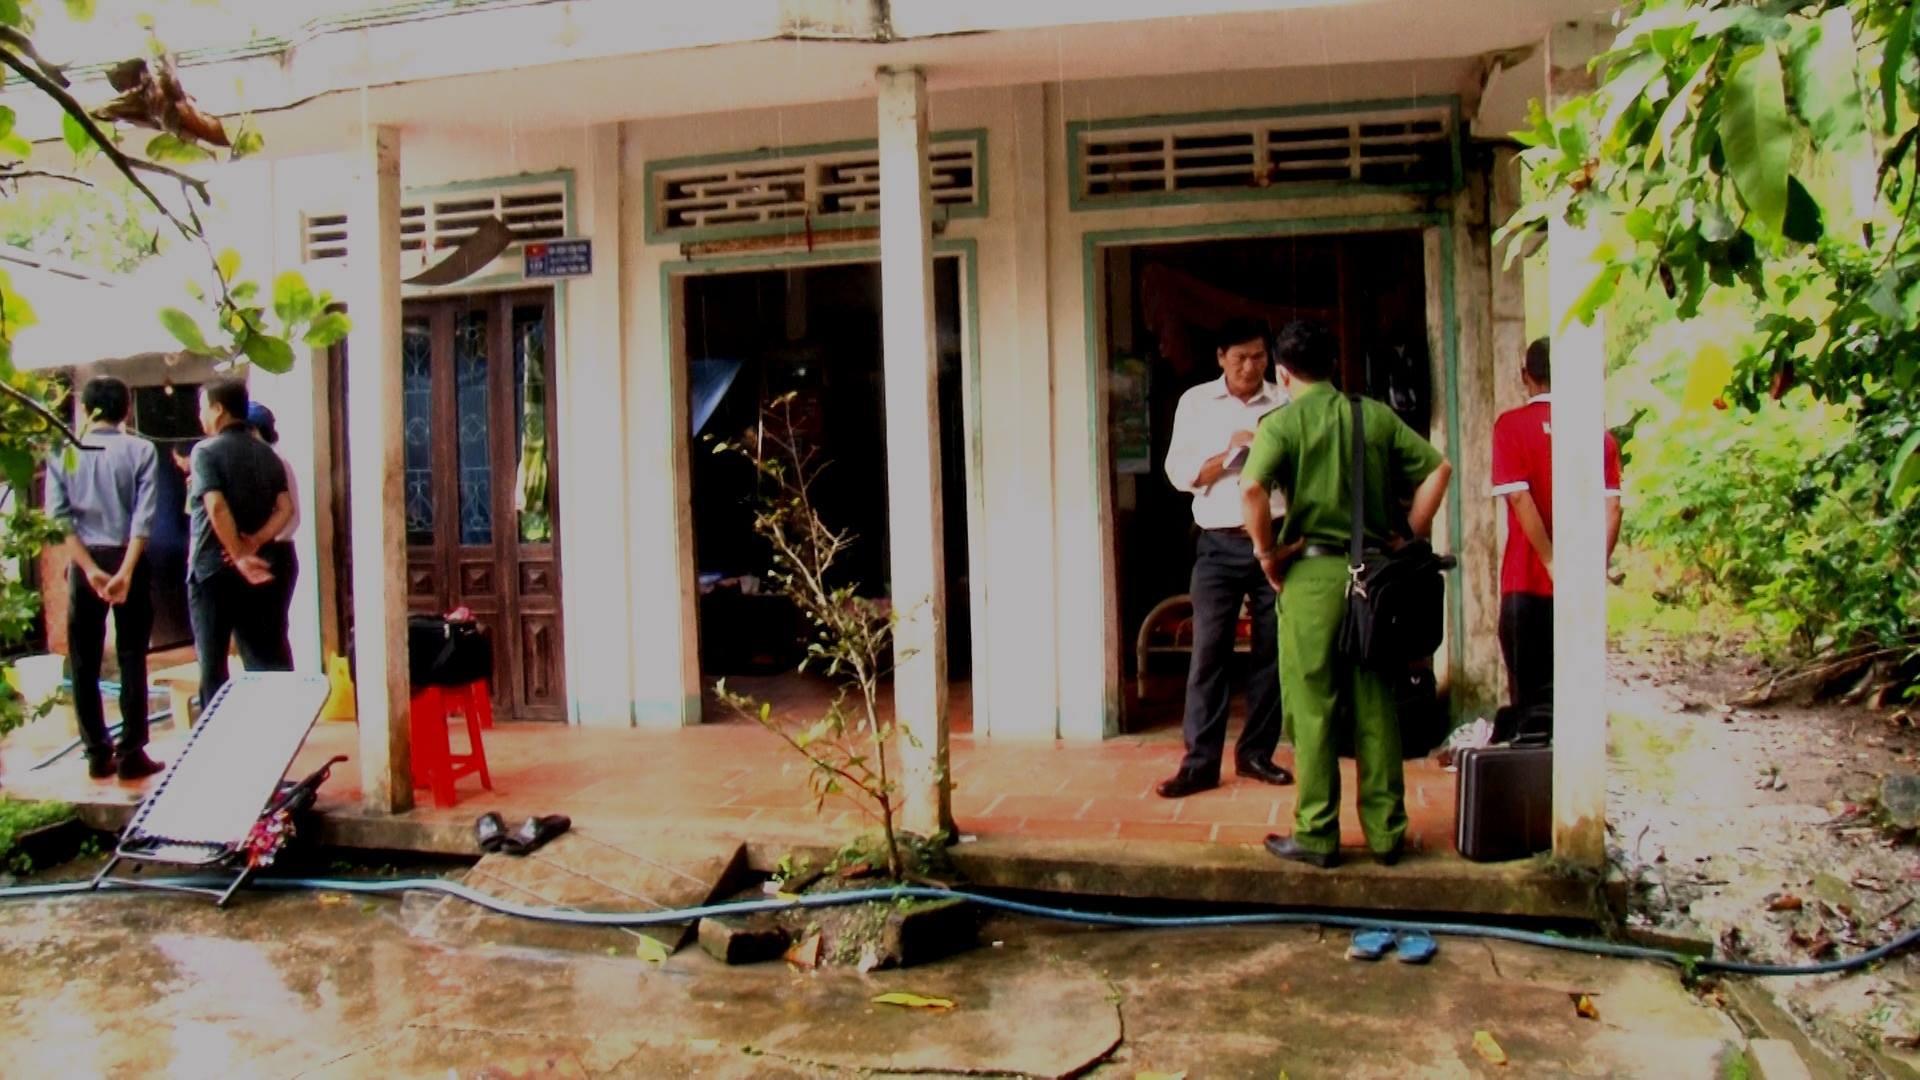 Vĩnh Long: Nghi án người đàn ông sát hại bố mẹ ruột và đâm cháu gái 18 tuổi nguy kịch - Ảnh 1.